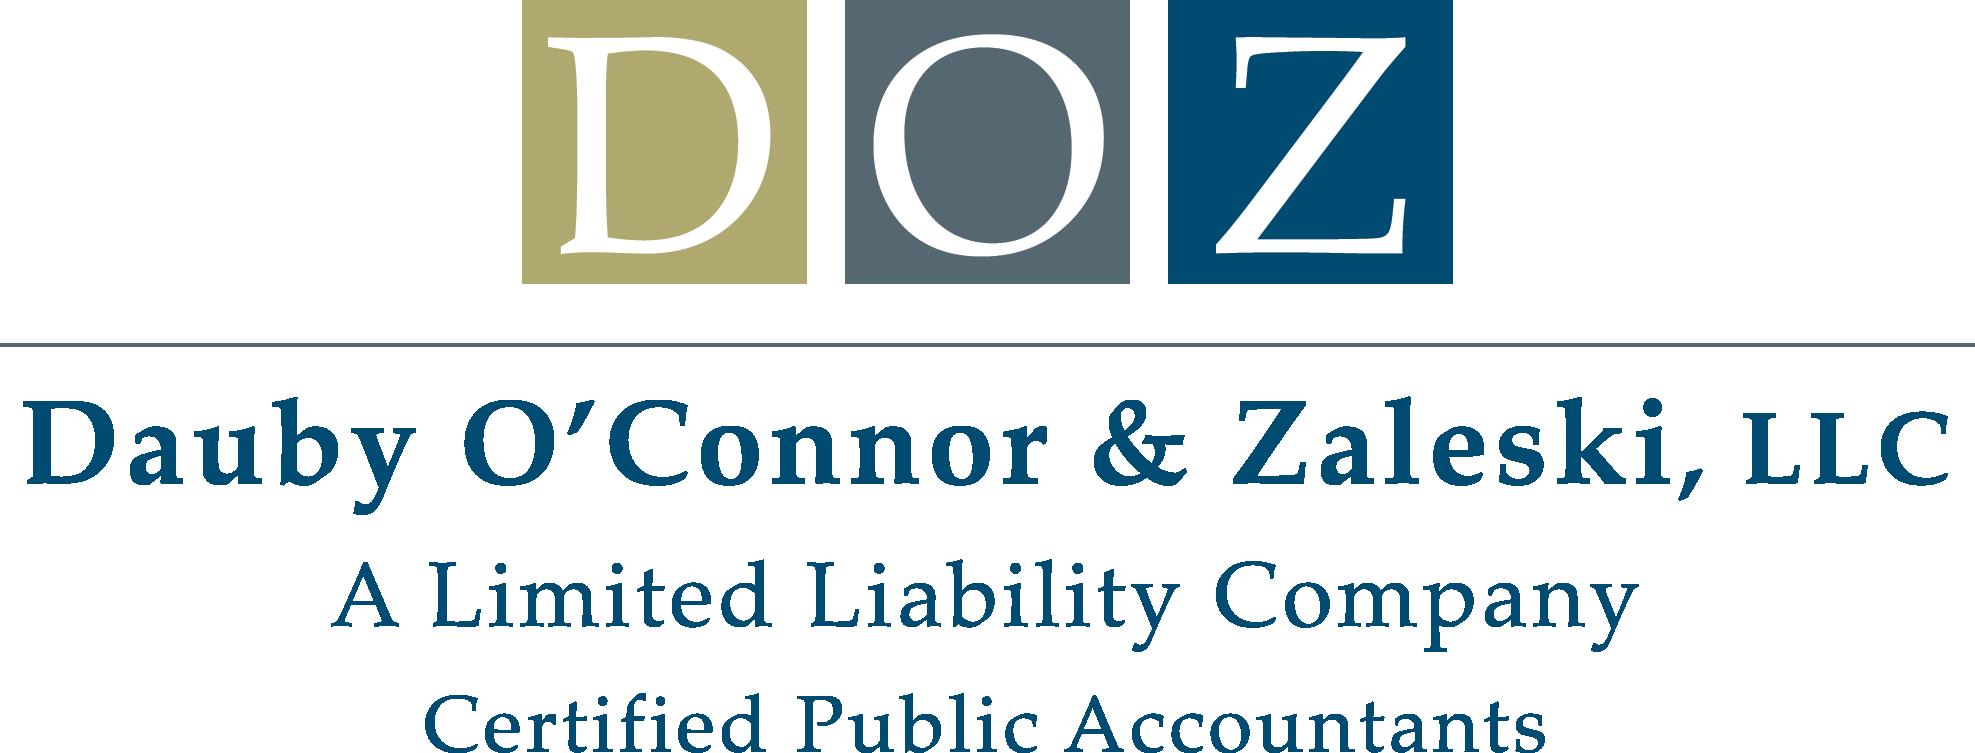 Dauby O'Connor & Zaleski, LLC